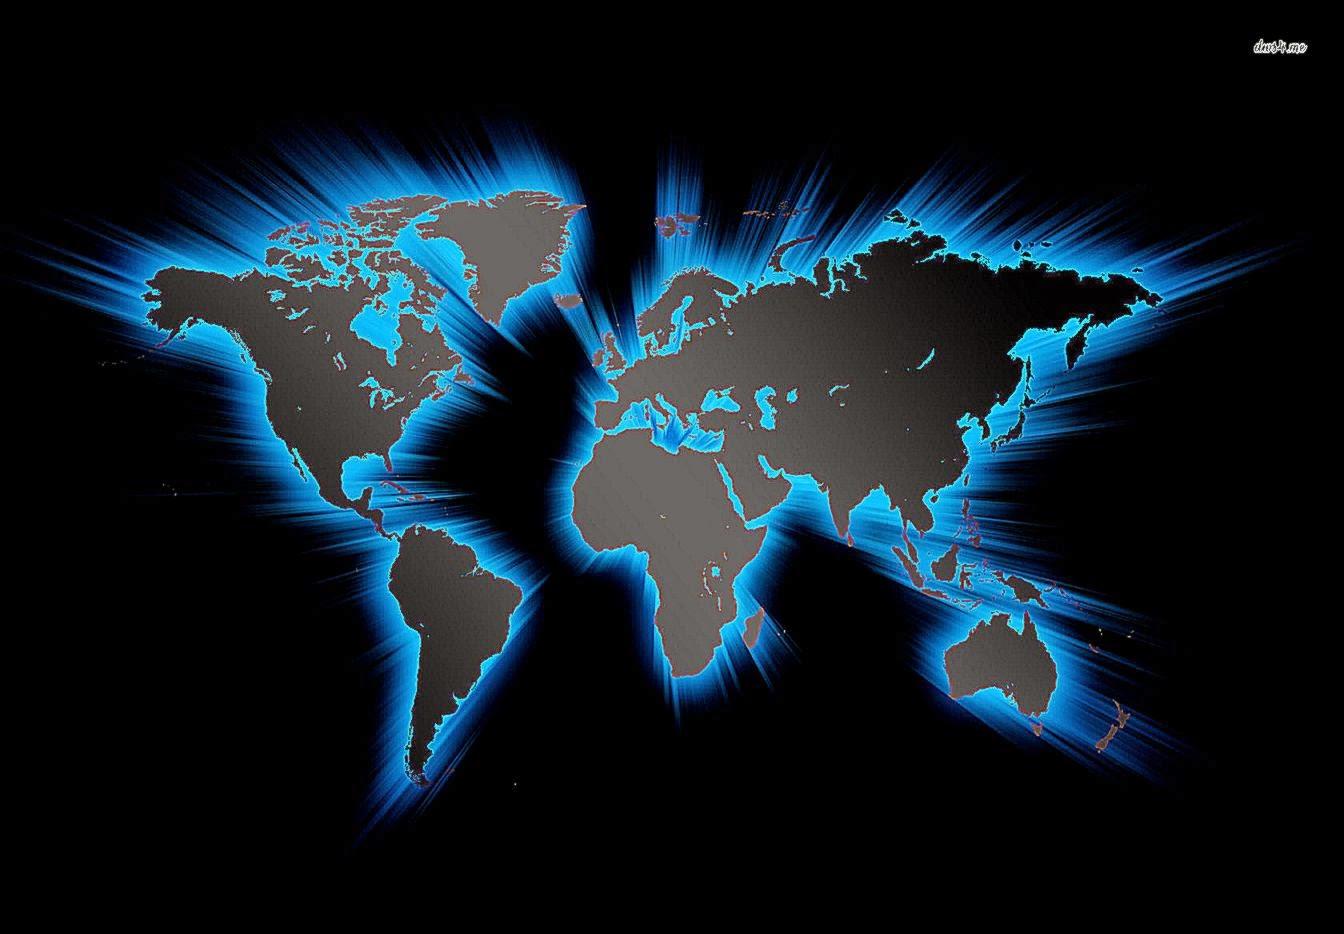 Creative Digital Art 3d World Map Globe Wallpaper Wallpaper